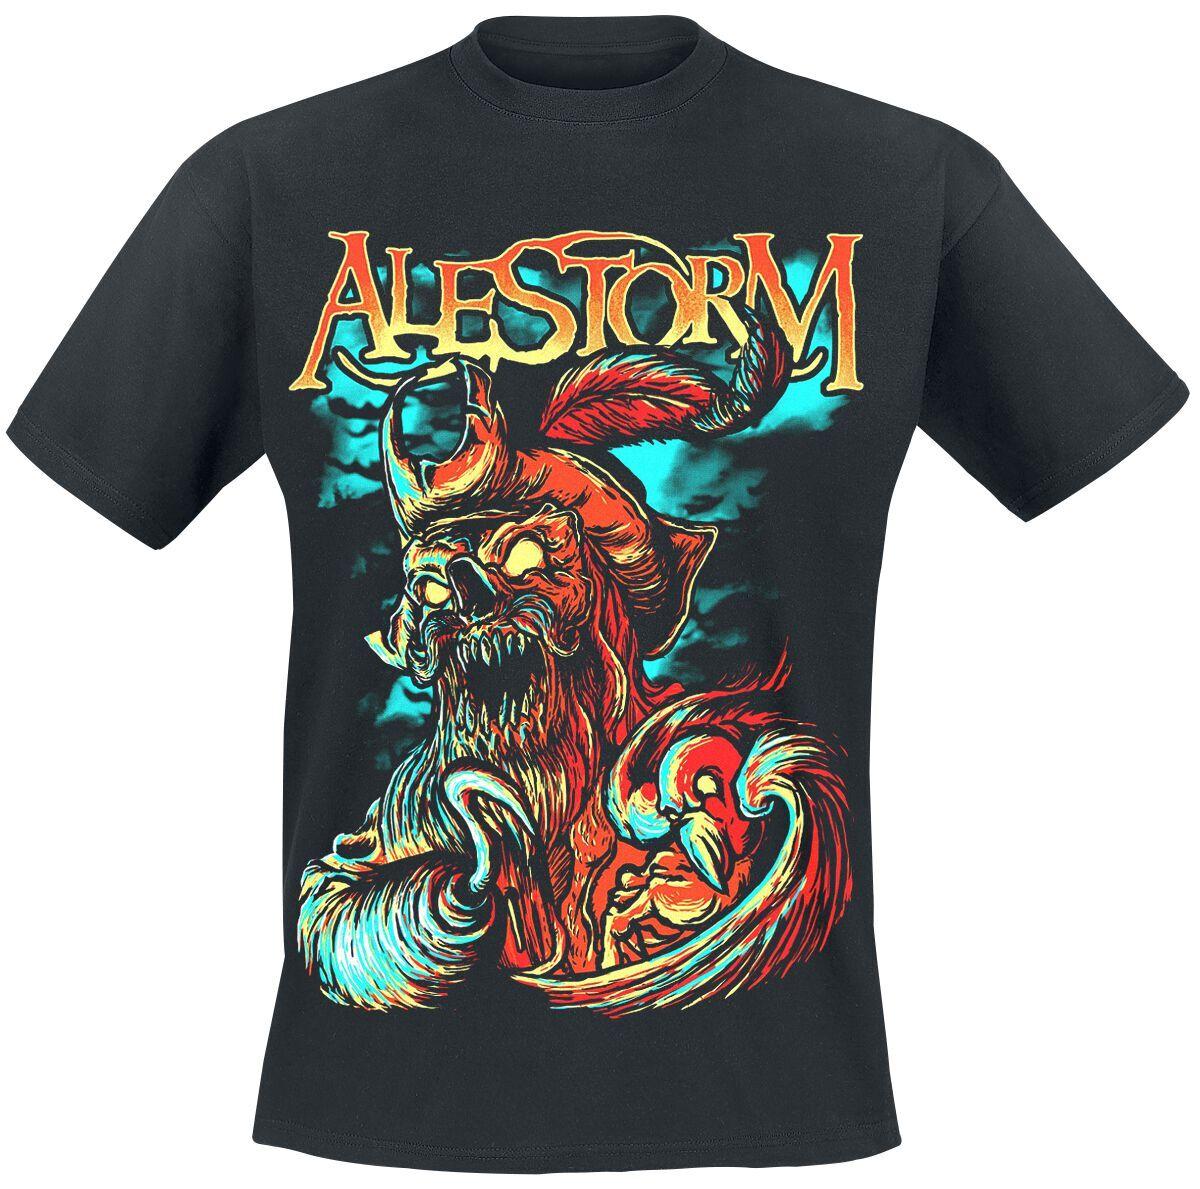 Alestorm Get Drunk Or Die Herren-T-Shirt  - Offizielles Merchandise schwarz